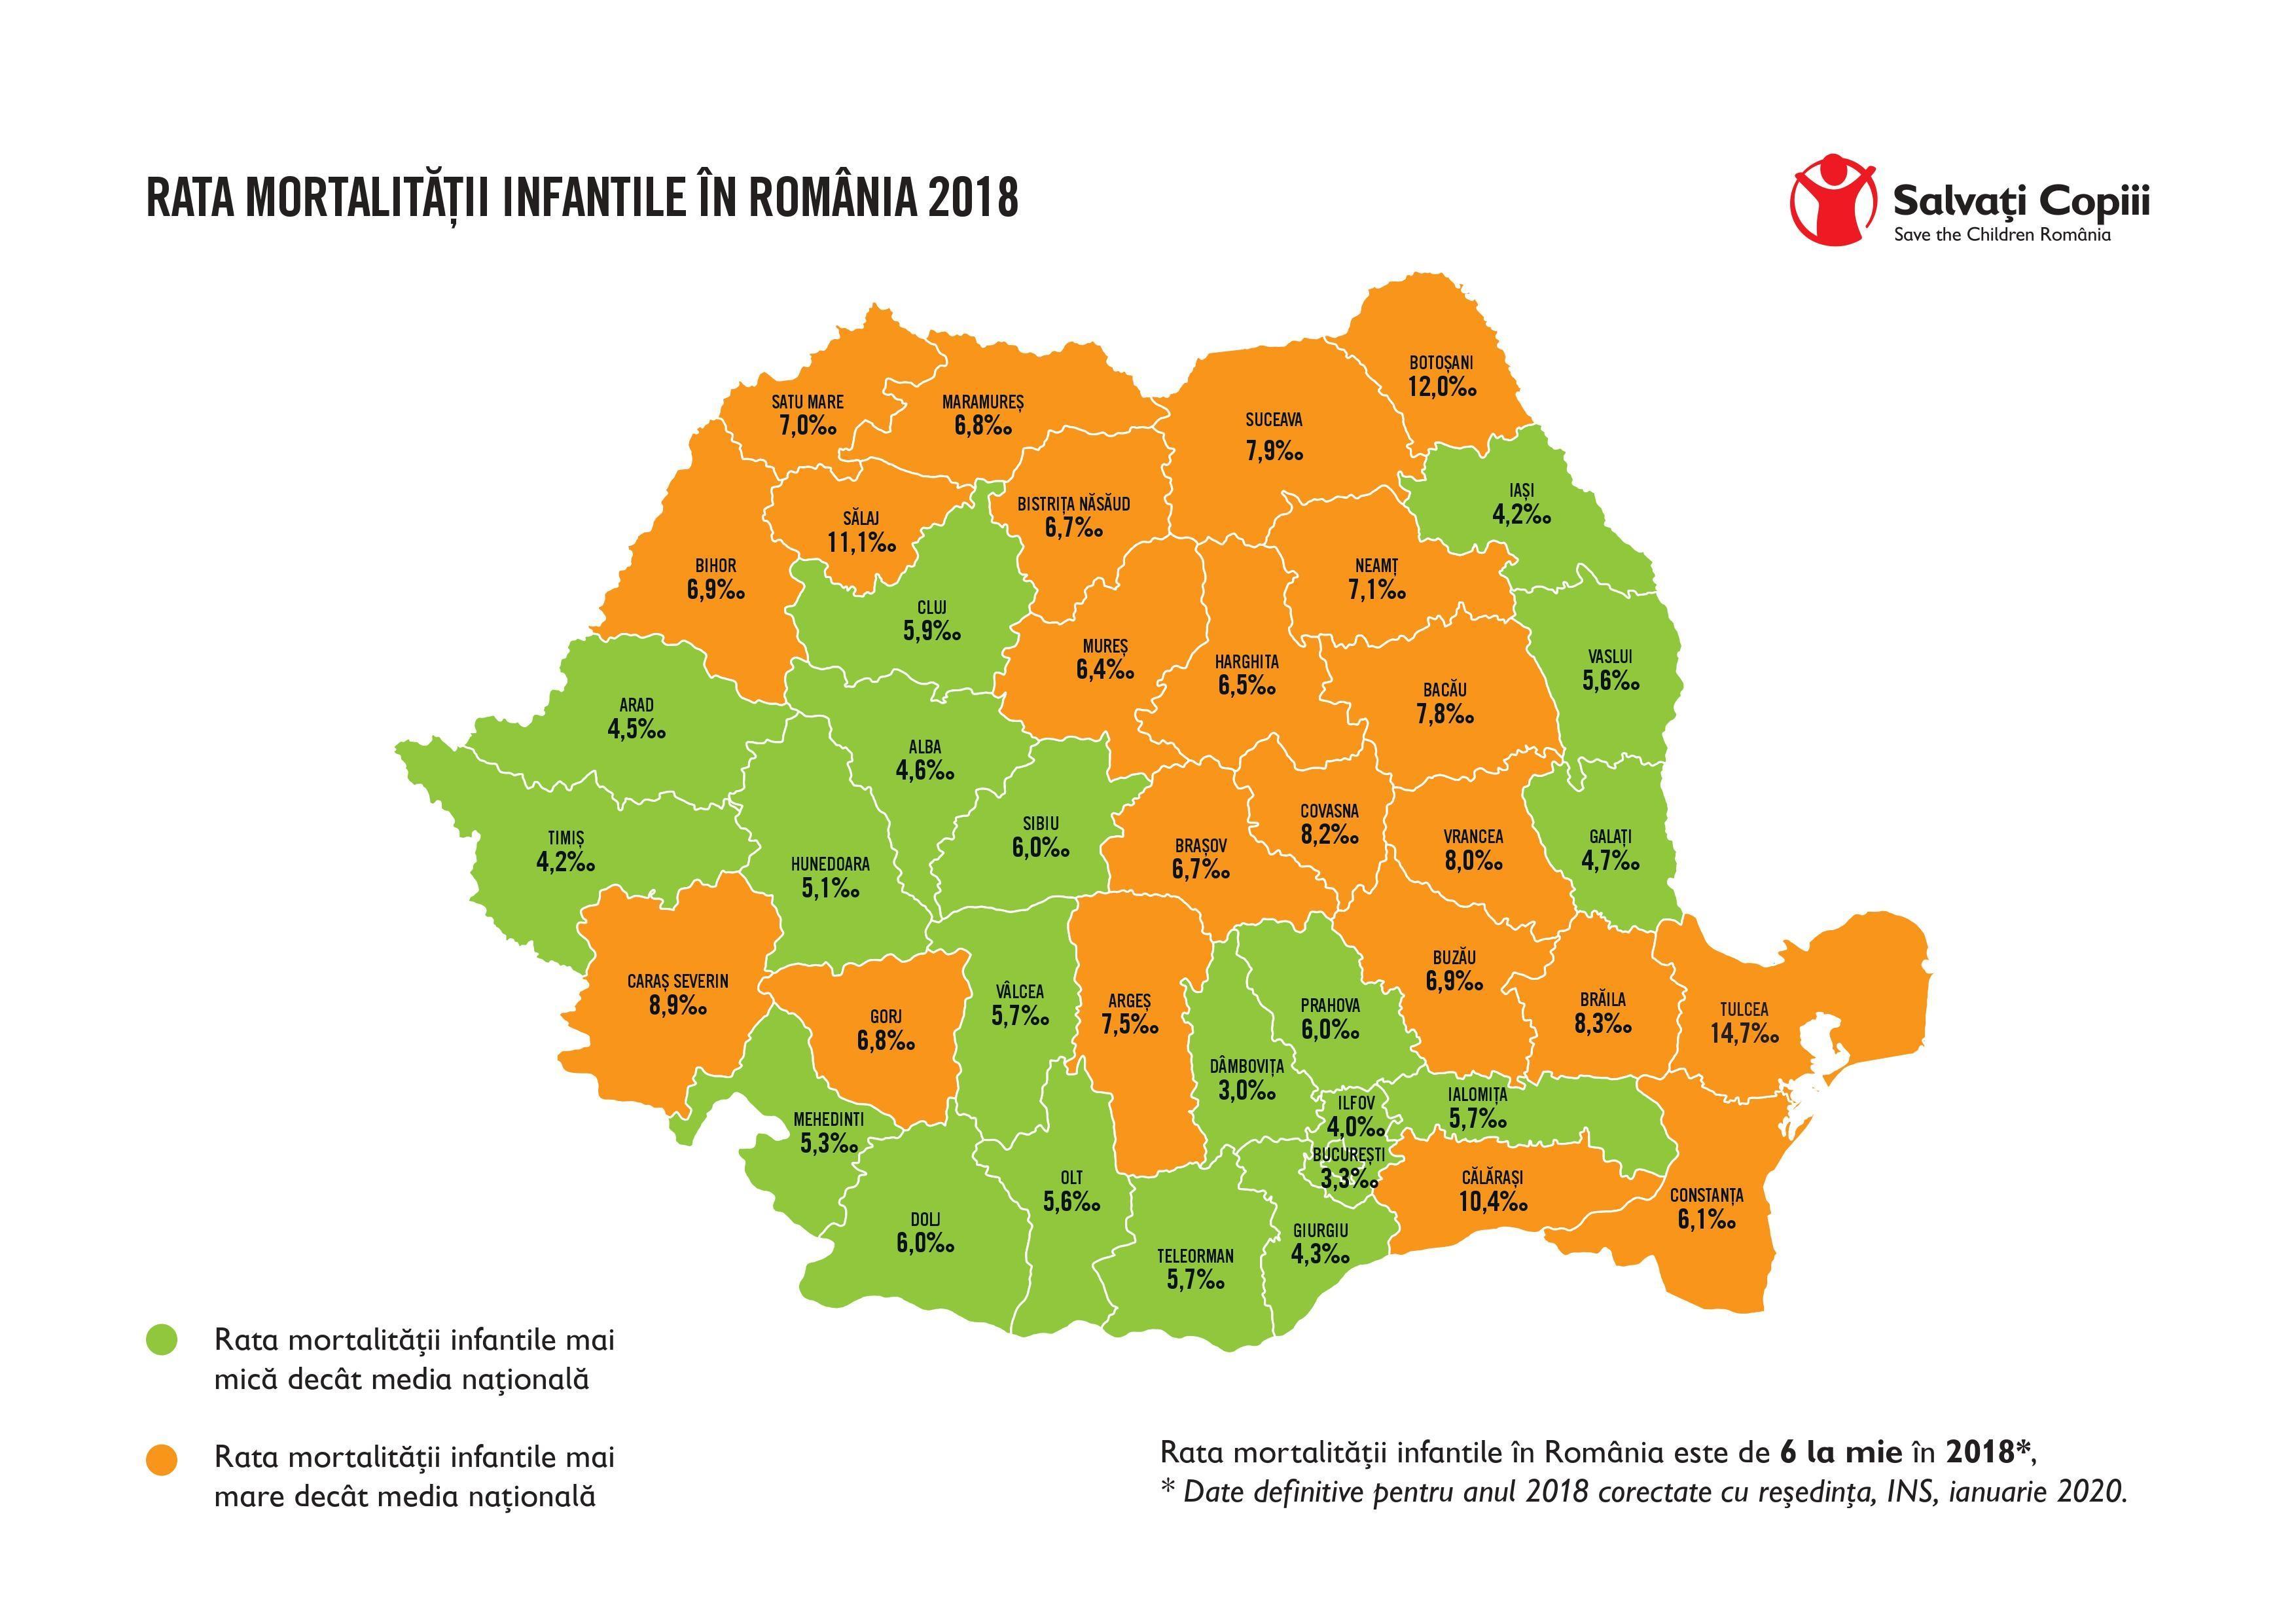 Cifre Dramatice Harta Mortalității Infantile Din Romania